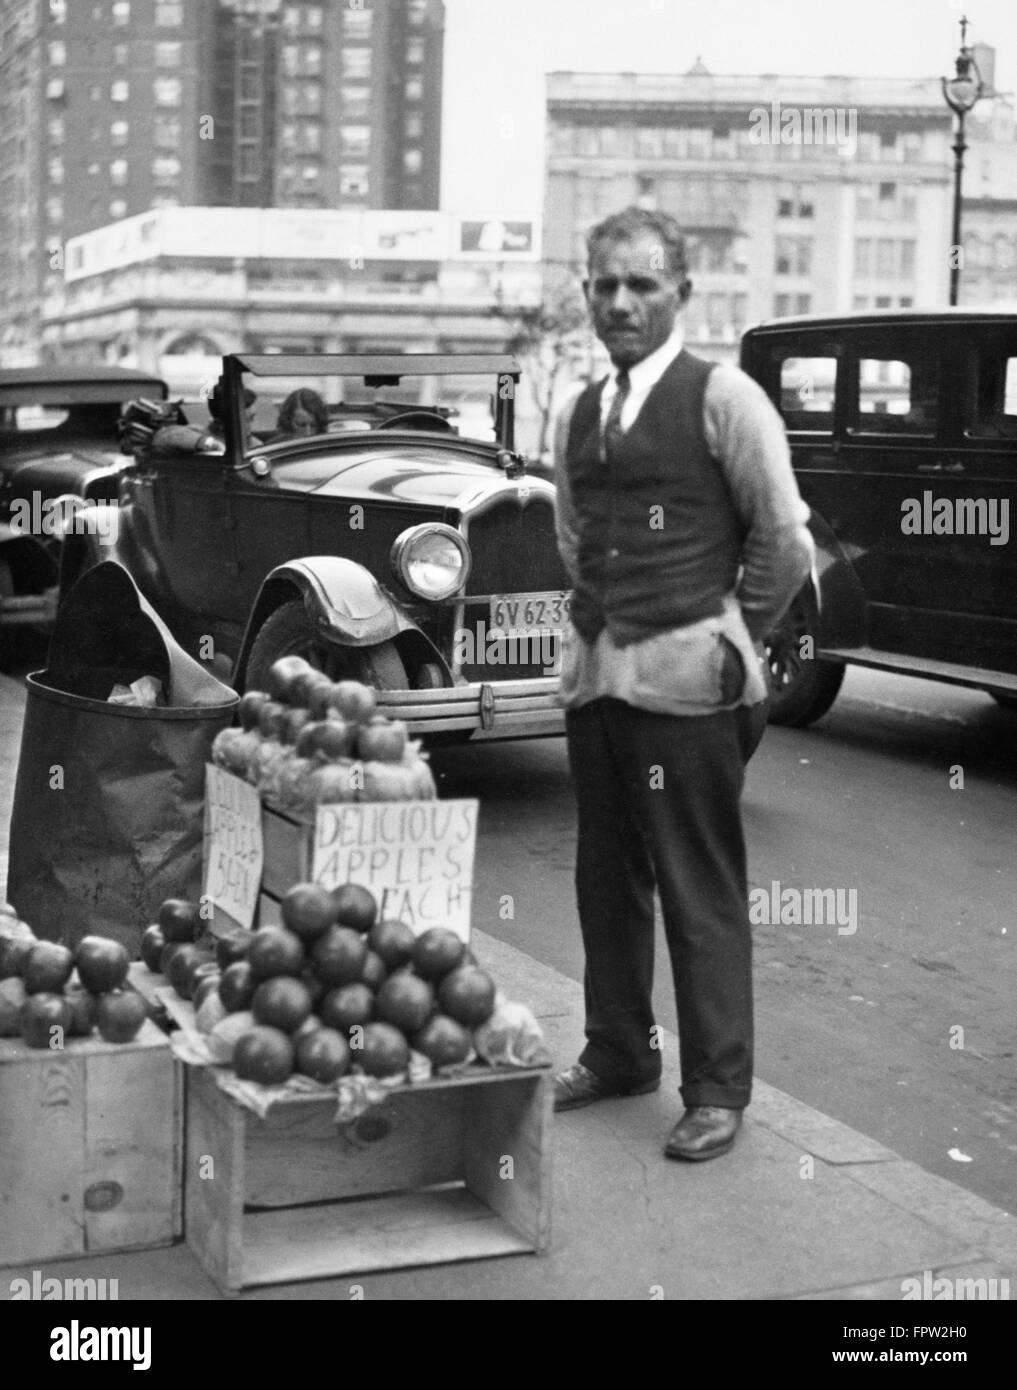 1930s SIDEWALK FORNITORE APPLE uomo guardando la fotocamera durante la Grande Depressione Immagini Stock